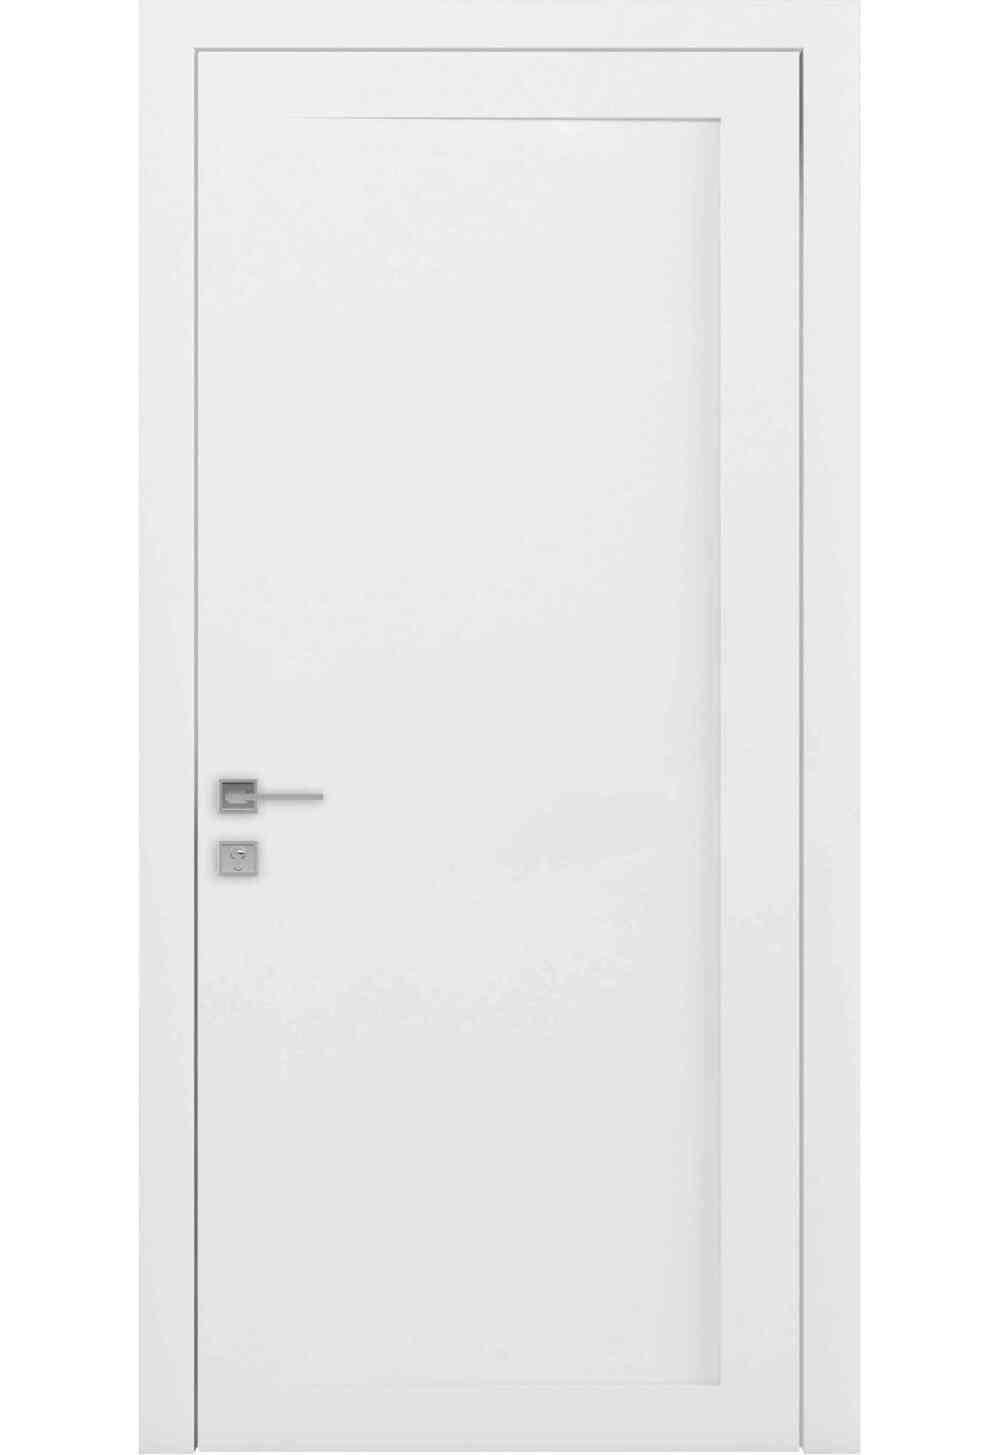 Купити Двері міжкімнатні RODOS LOFT ARRIGO /Білий матовий/, 800x2000